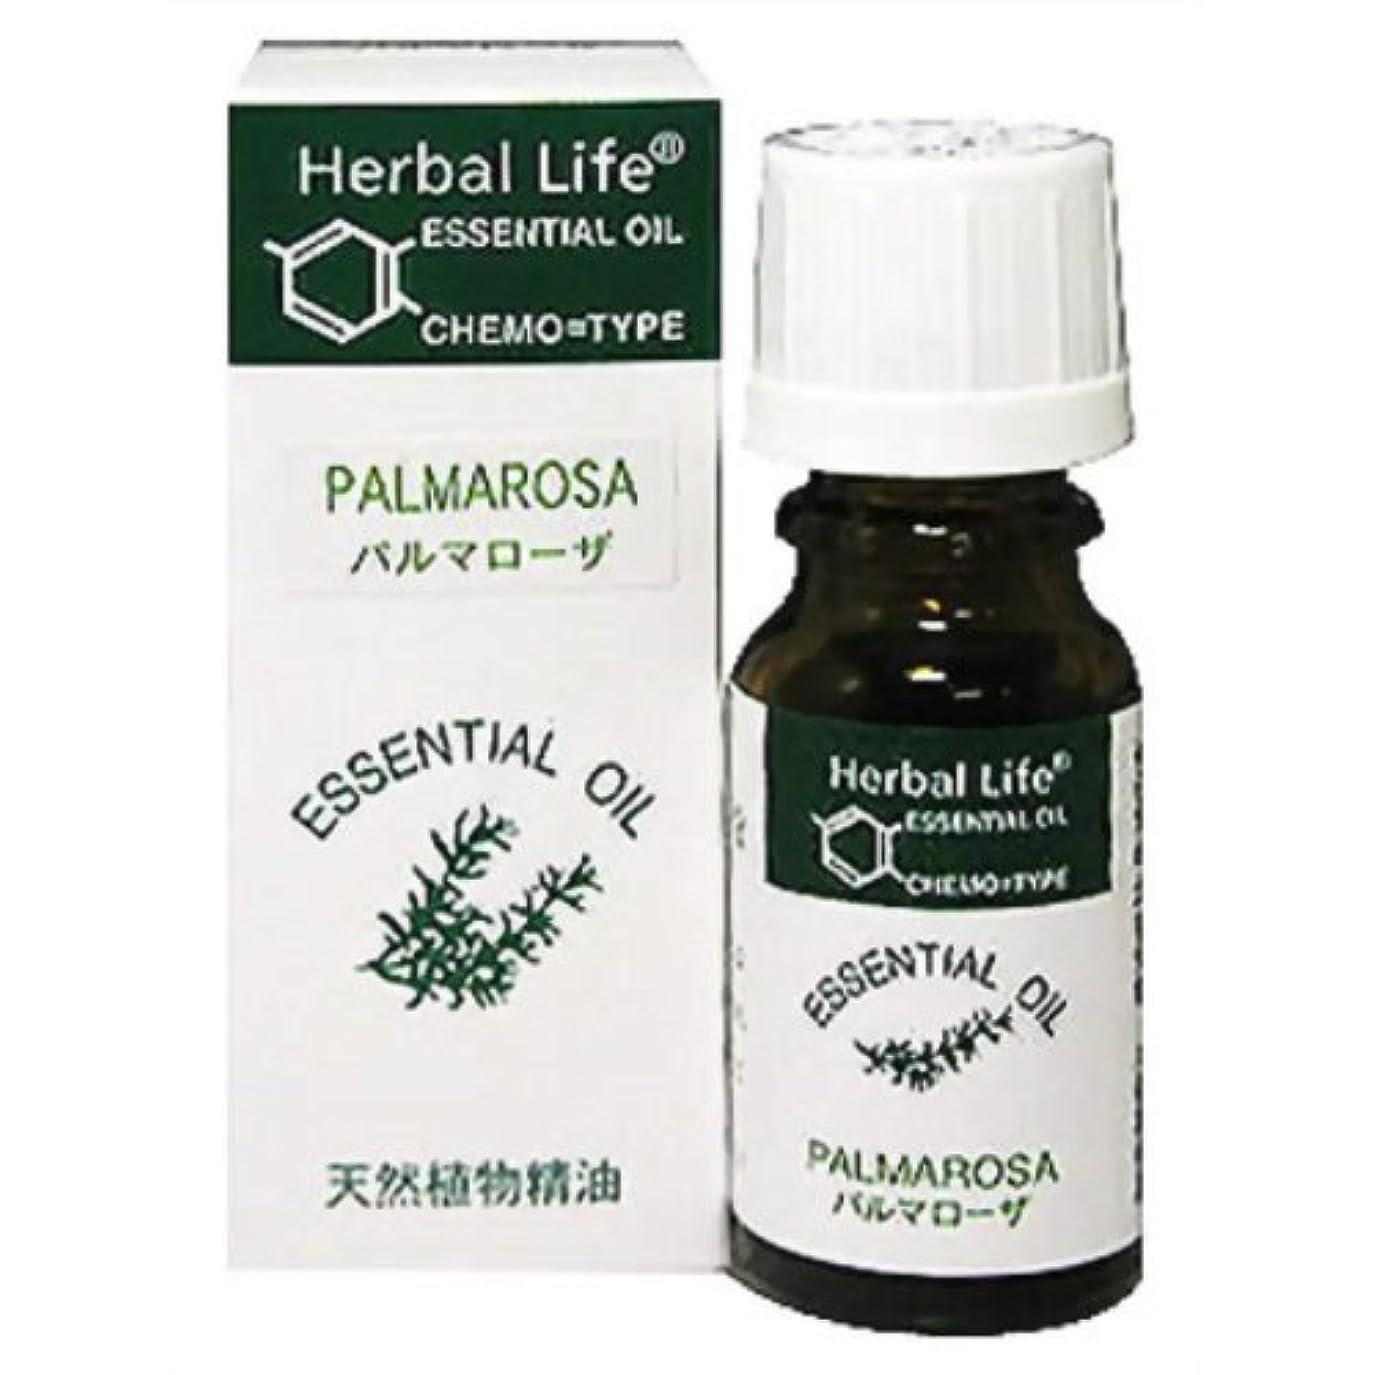 鼻浮く縫い目Herbal Life パルマローザ 10ml